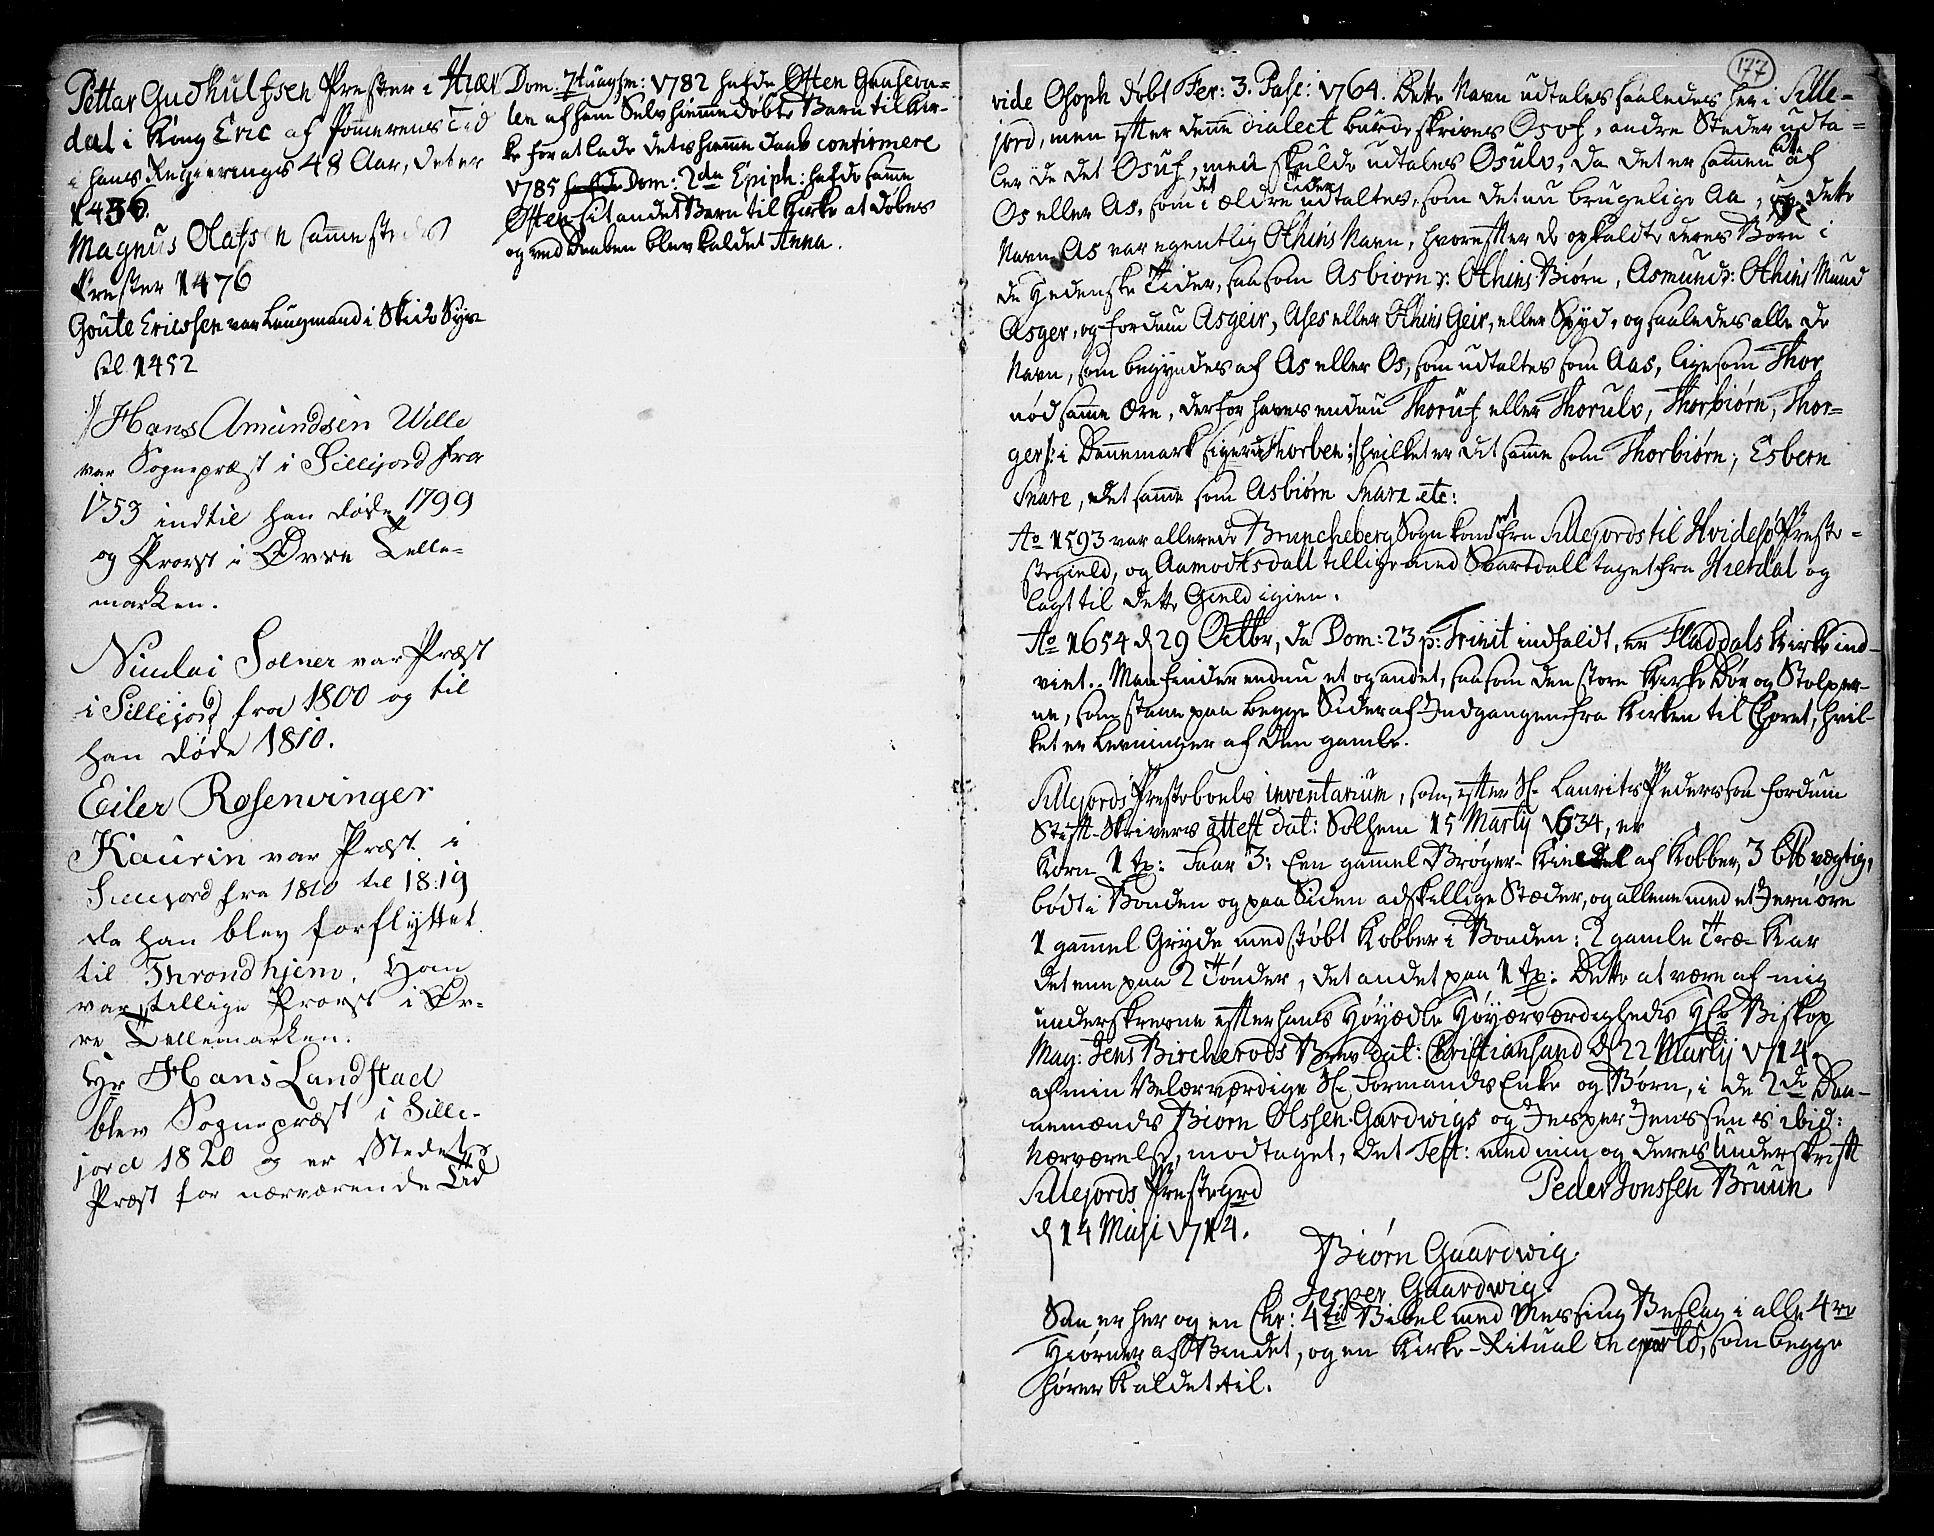 SAKO, Seljord kirkebøker, F/Fa/L0007: Ministerialbok nr. I 7, 1755-1800, s. 177